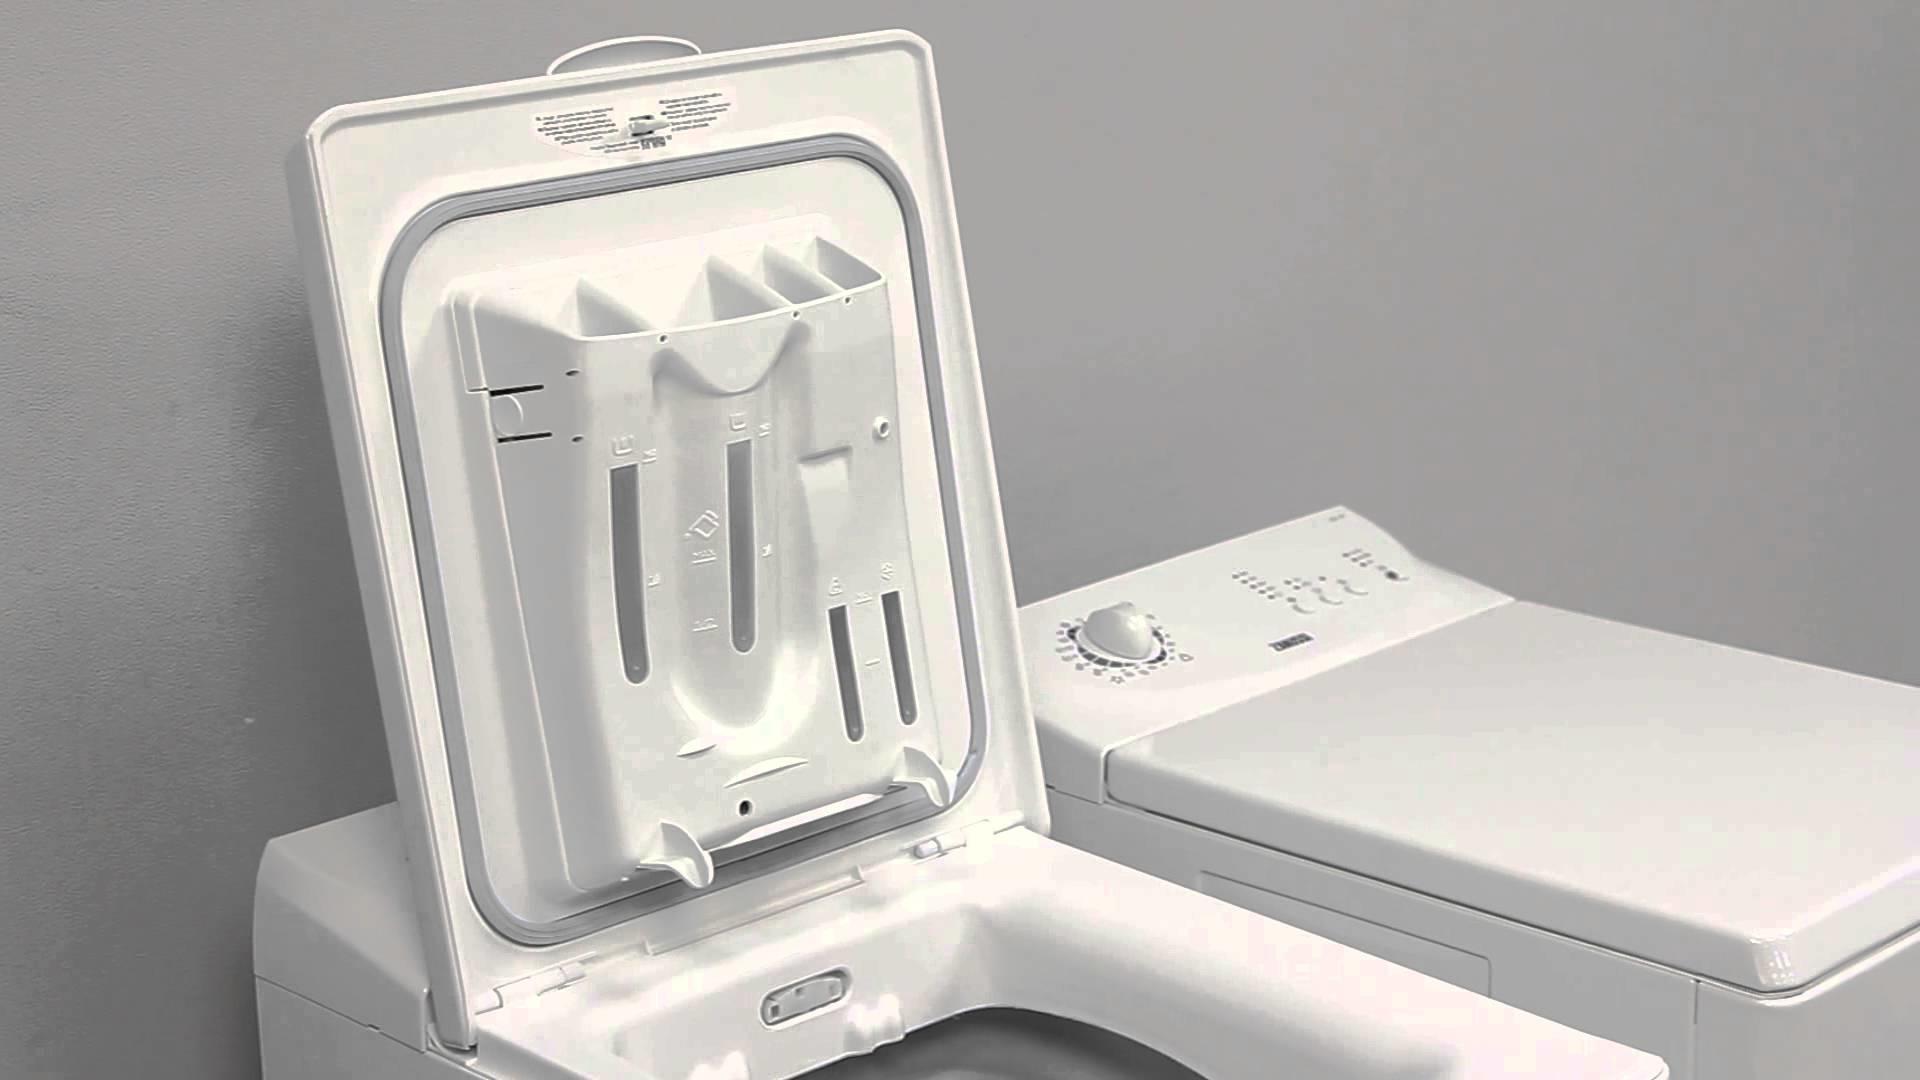 Как снять барабан на стиральной машине: разобрать для ремонта, вытащить и открутить, разборка автомат